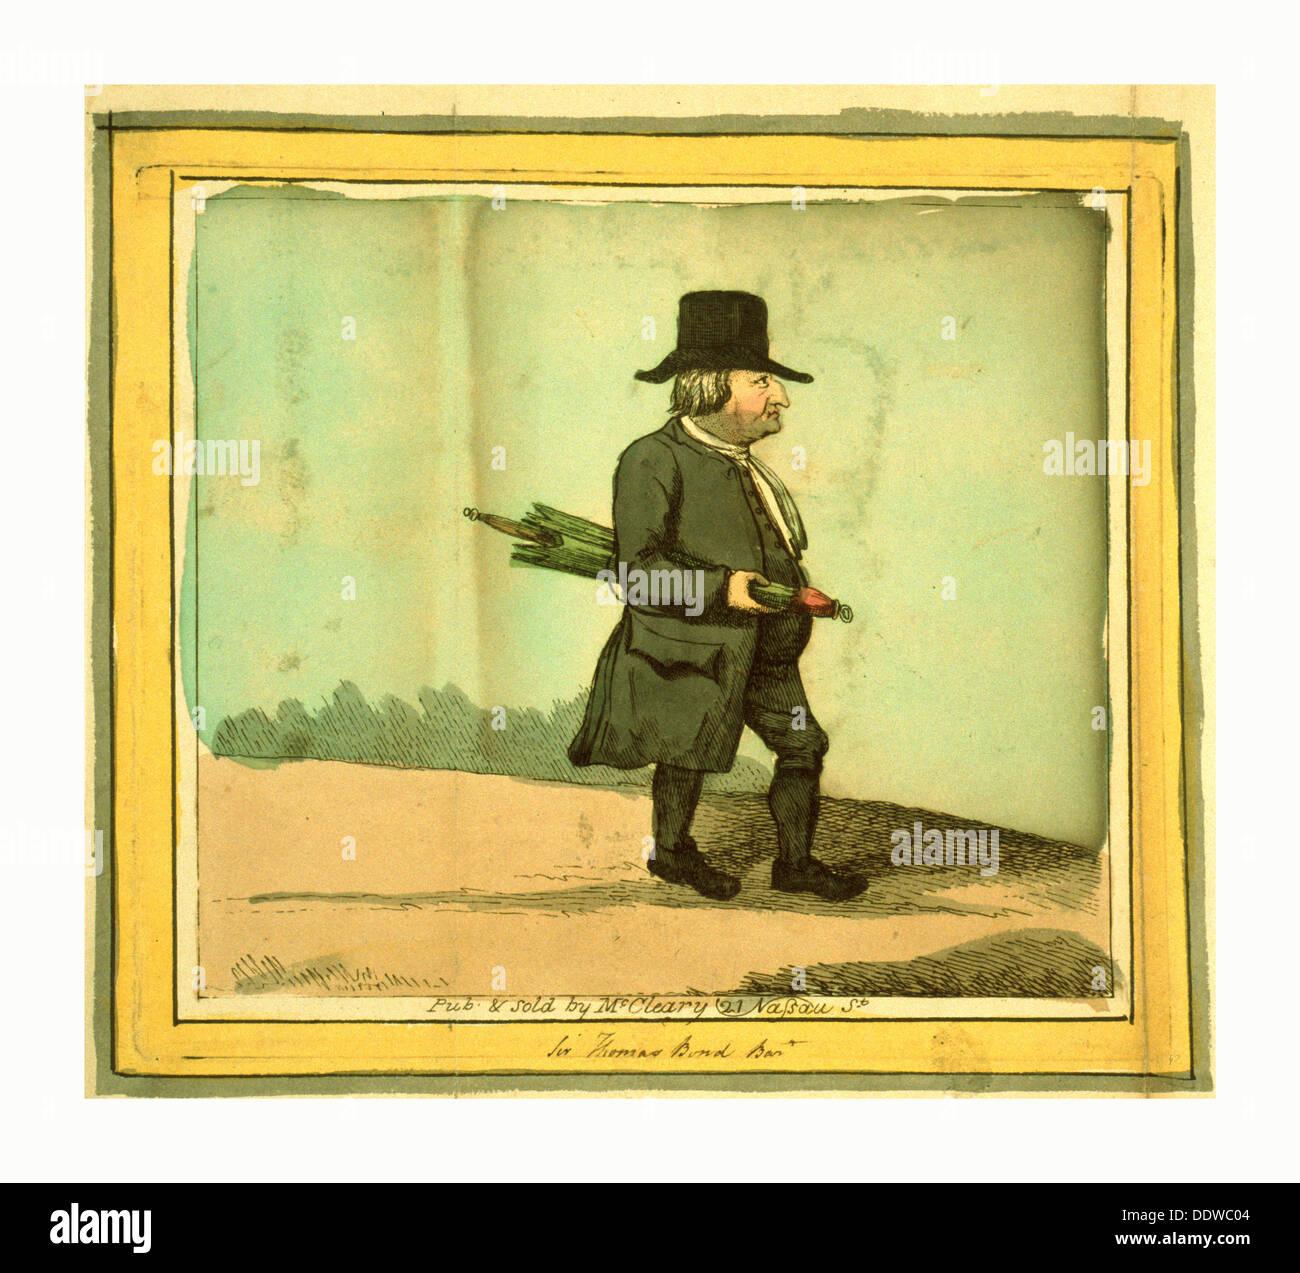 Sir Thomas Bond Bart, gravure 1795?, Sir Thomas Bond, portrait en pied, profil droit, exerçant son activité sous un parapluie Photo Stock